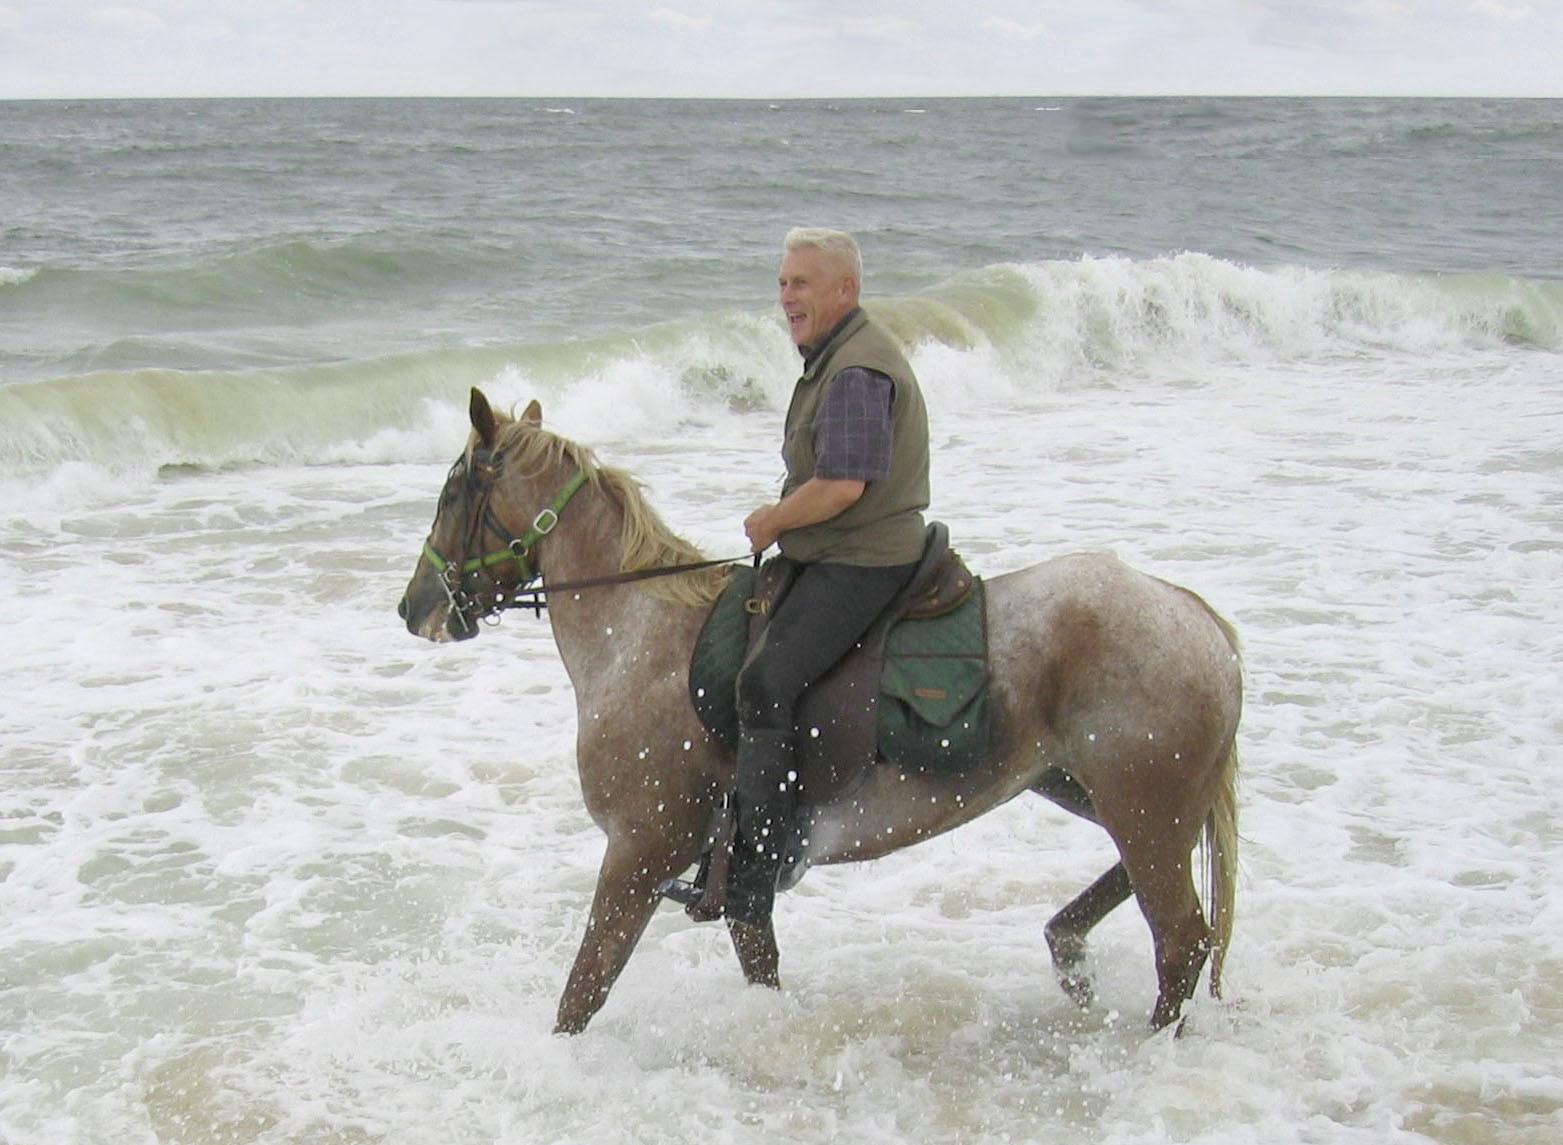 ou jouer avec les vagues